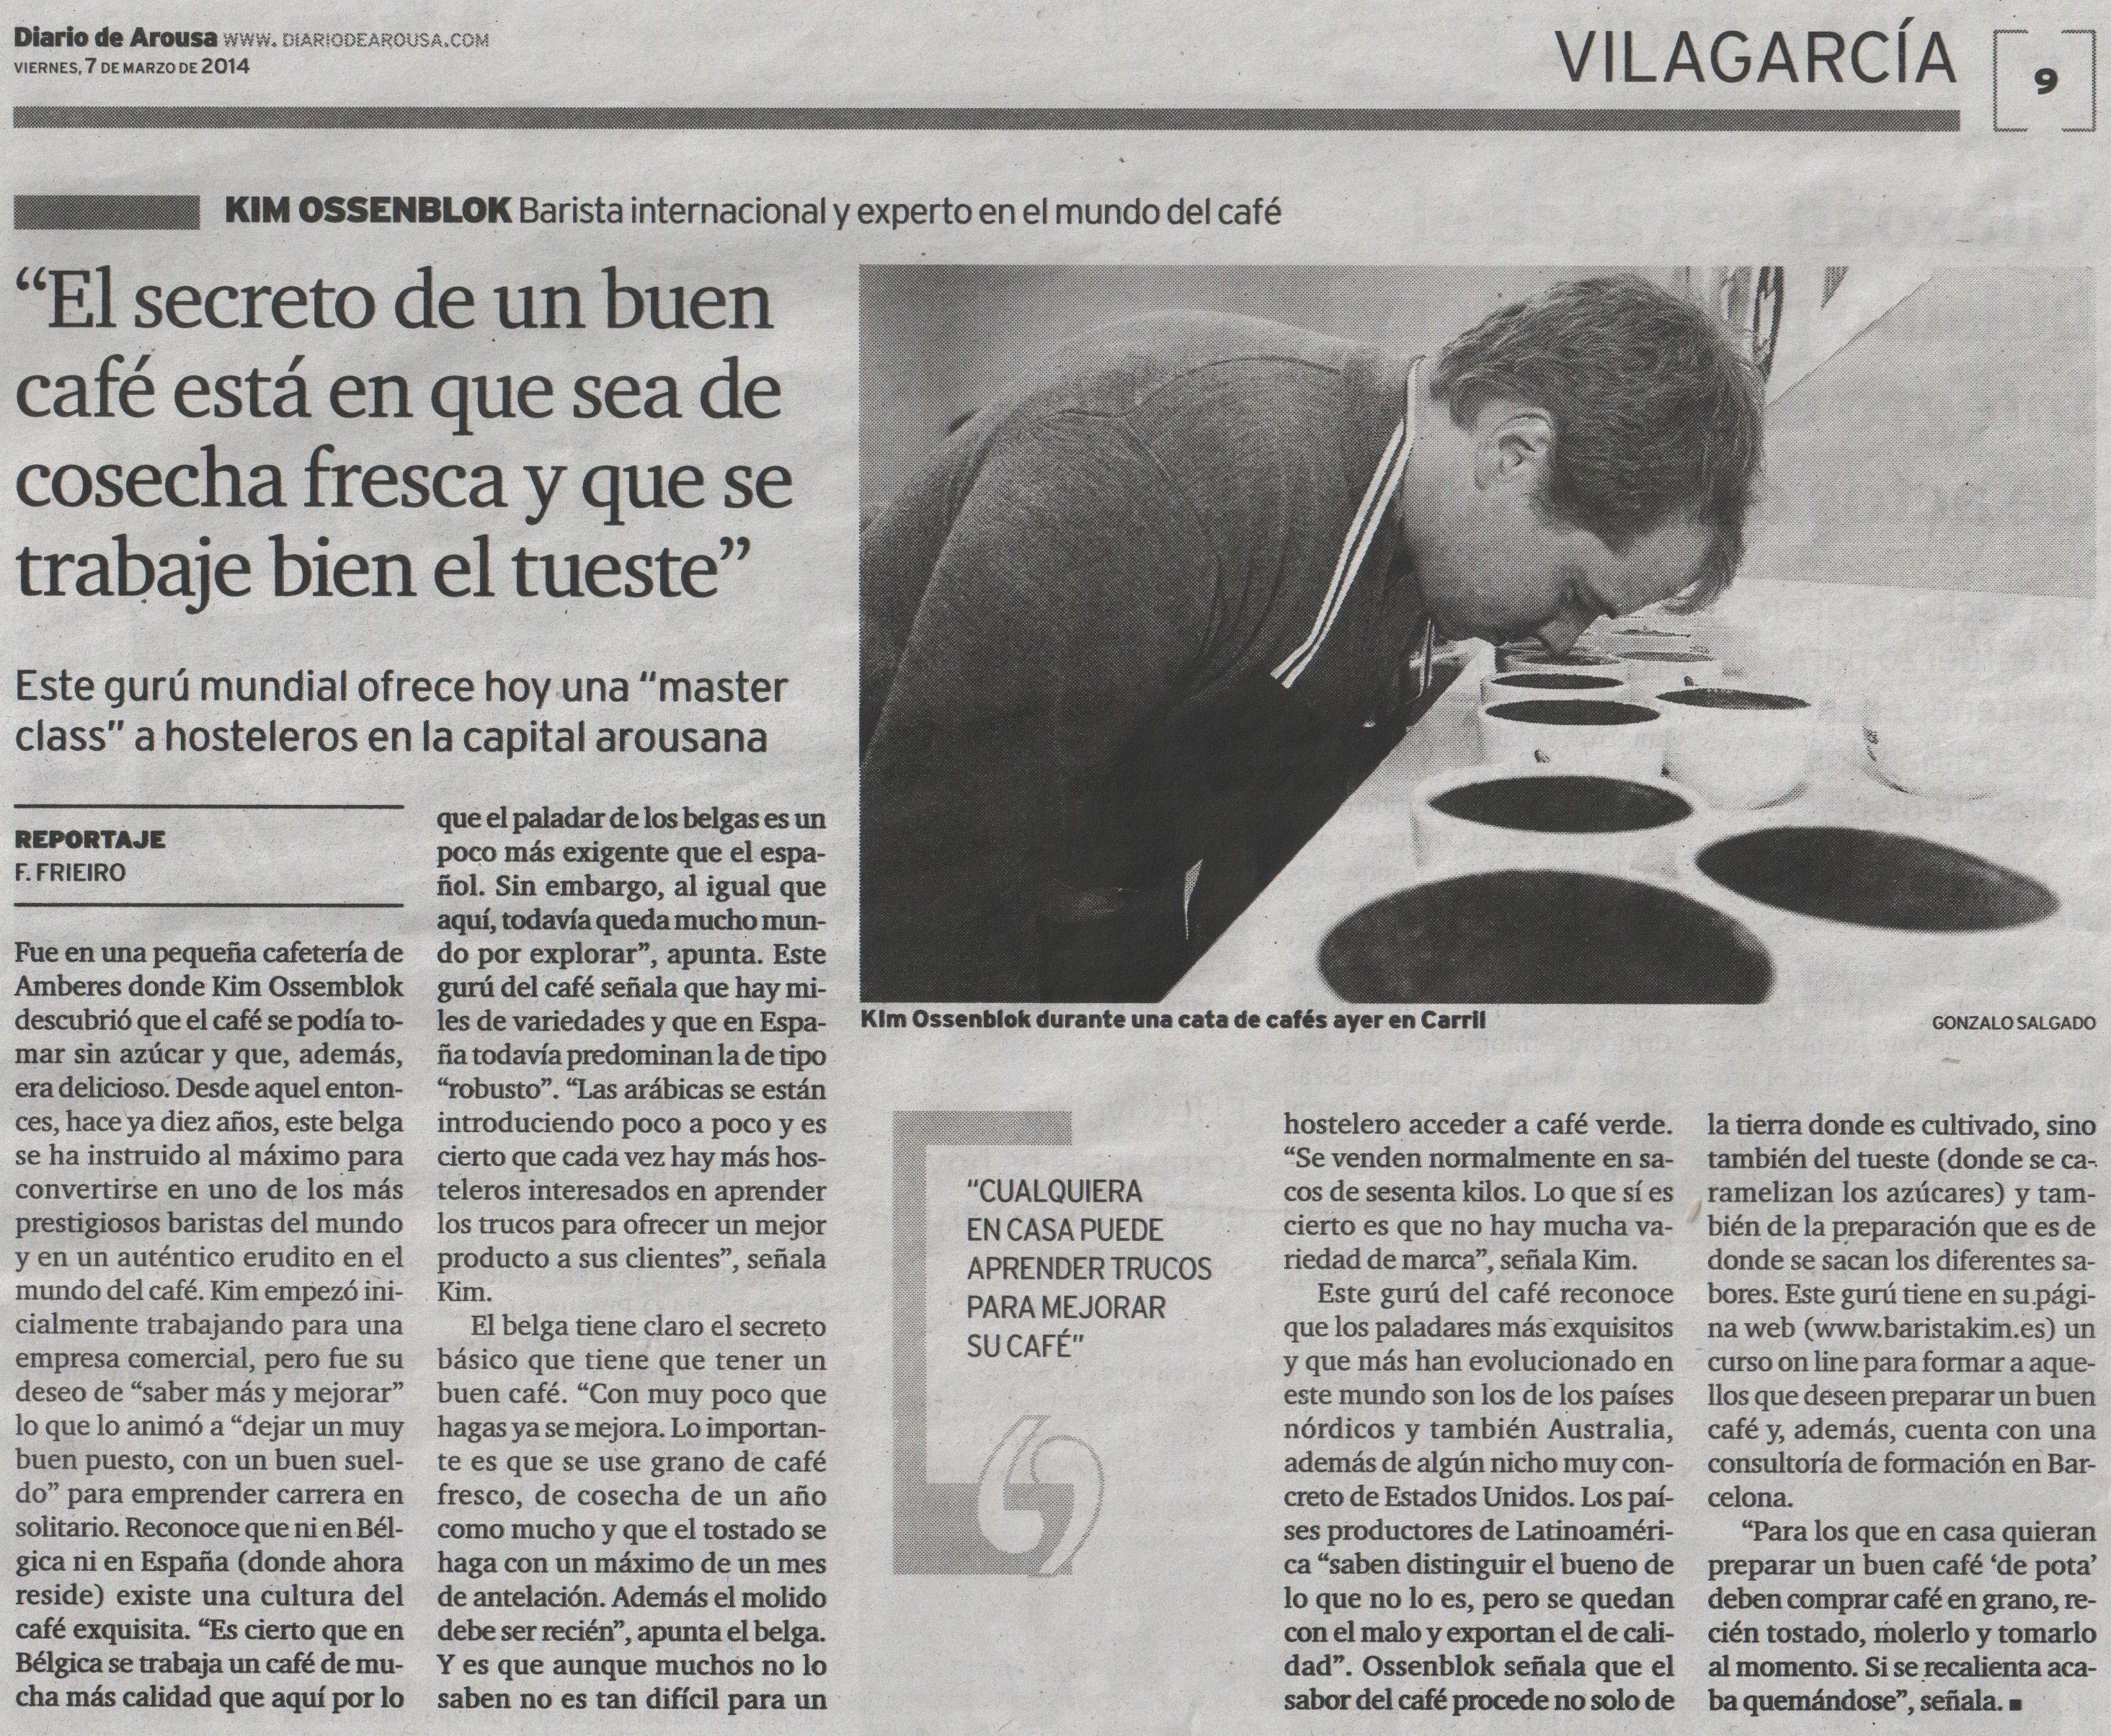 barista kim en la prensa - la voz de galicia - 7 marzo 2014